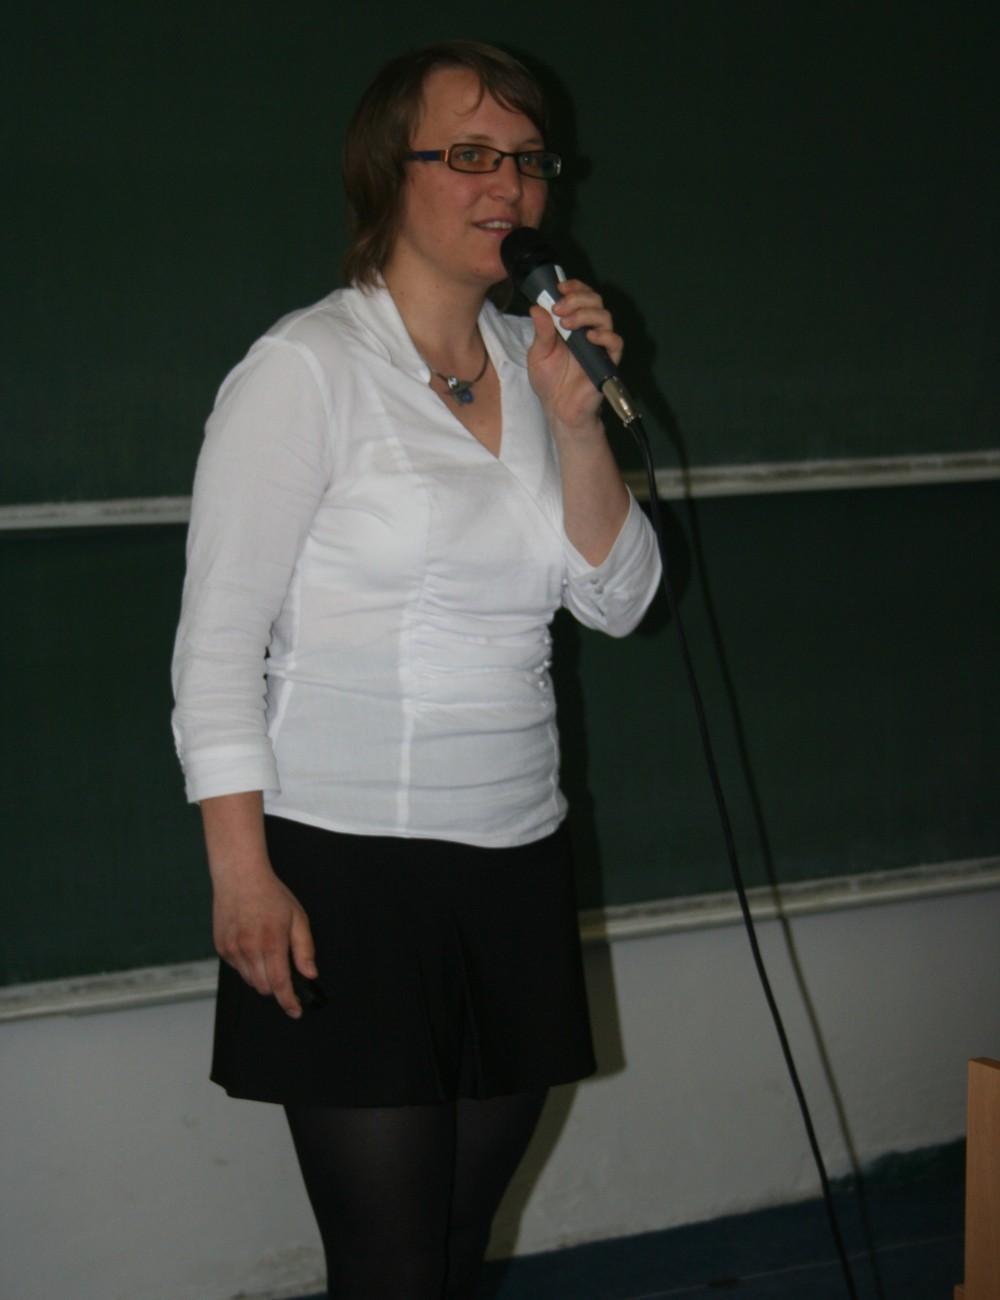 Lenka Němečková hovoří o otevřeném přístupu ke zdrojům i ke vzdělání